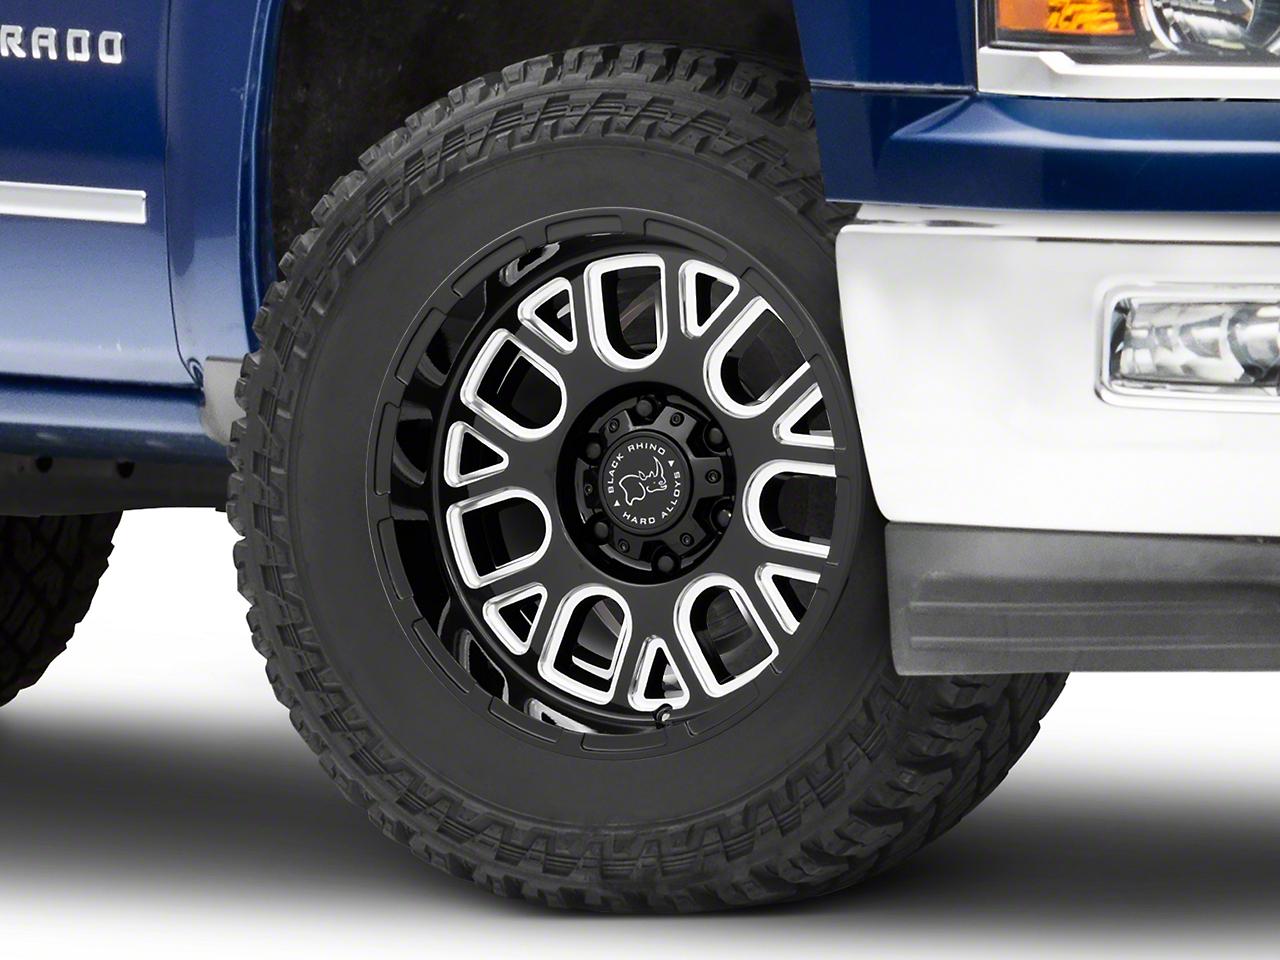 Black Rhino Pismo Gloss Black Milled 6-Lug Wheel - 20x9.5 (99-18 Silverado 1500)